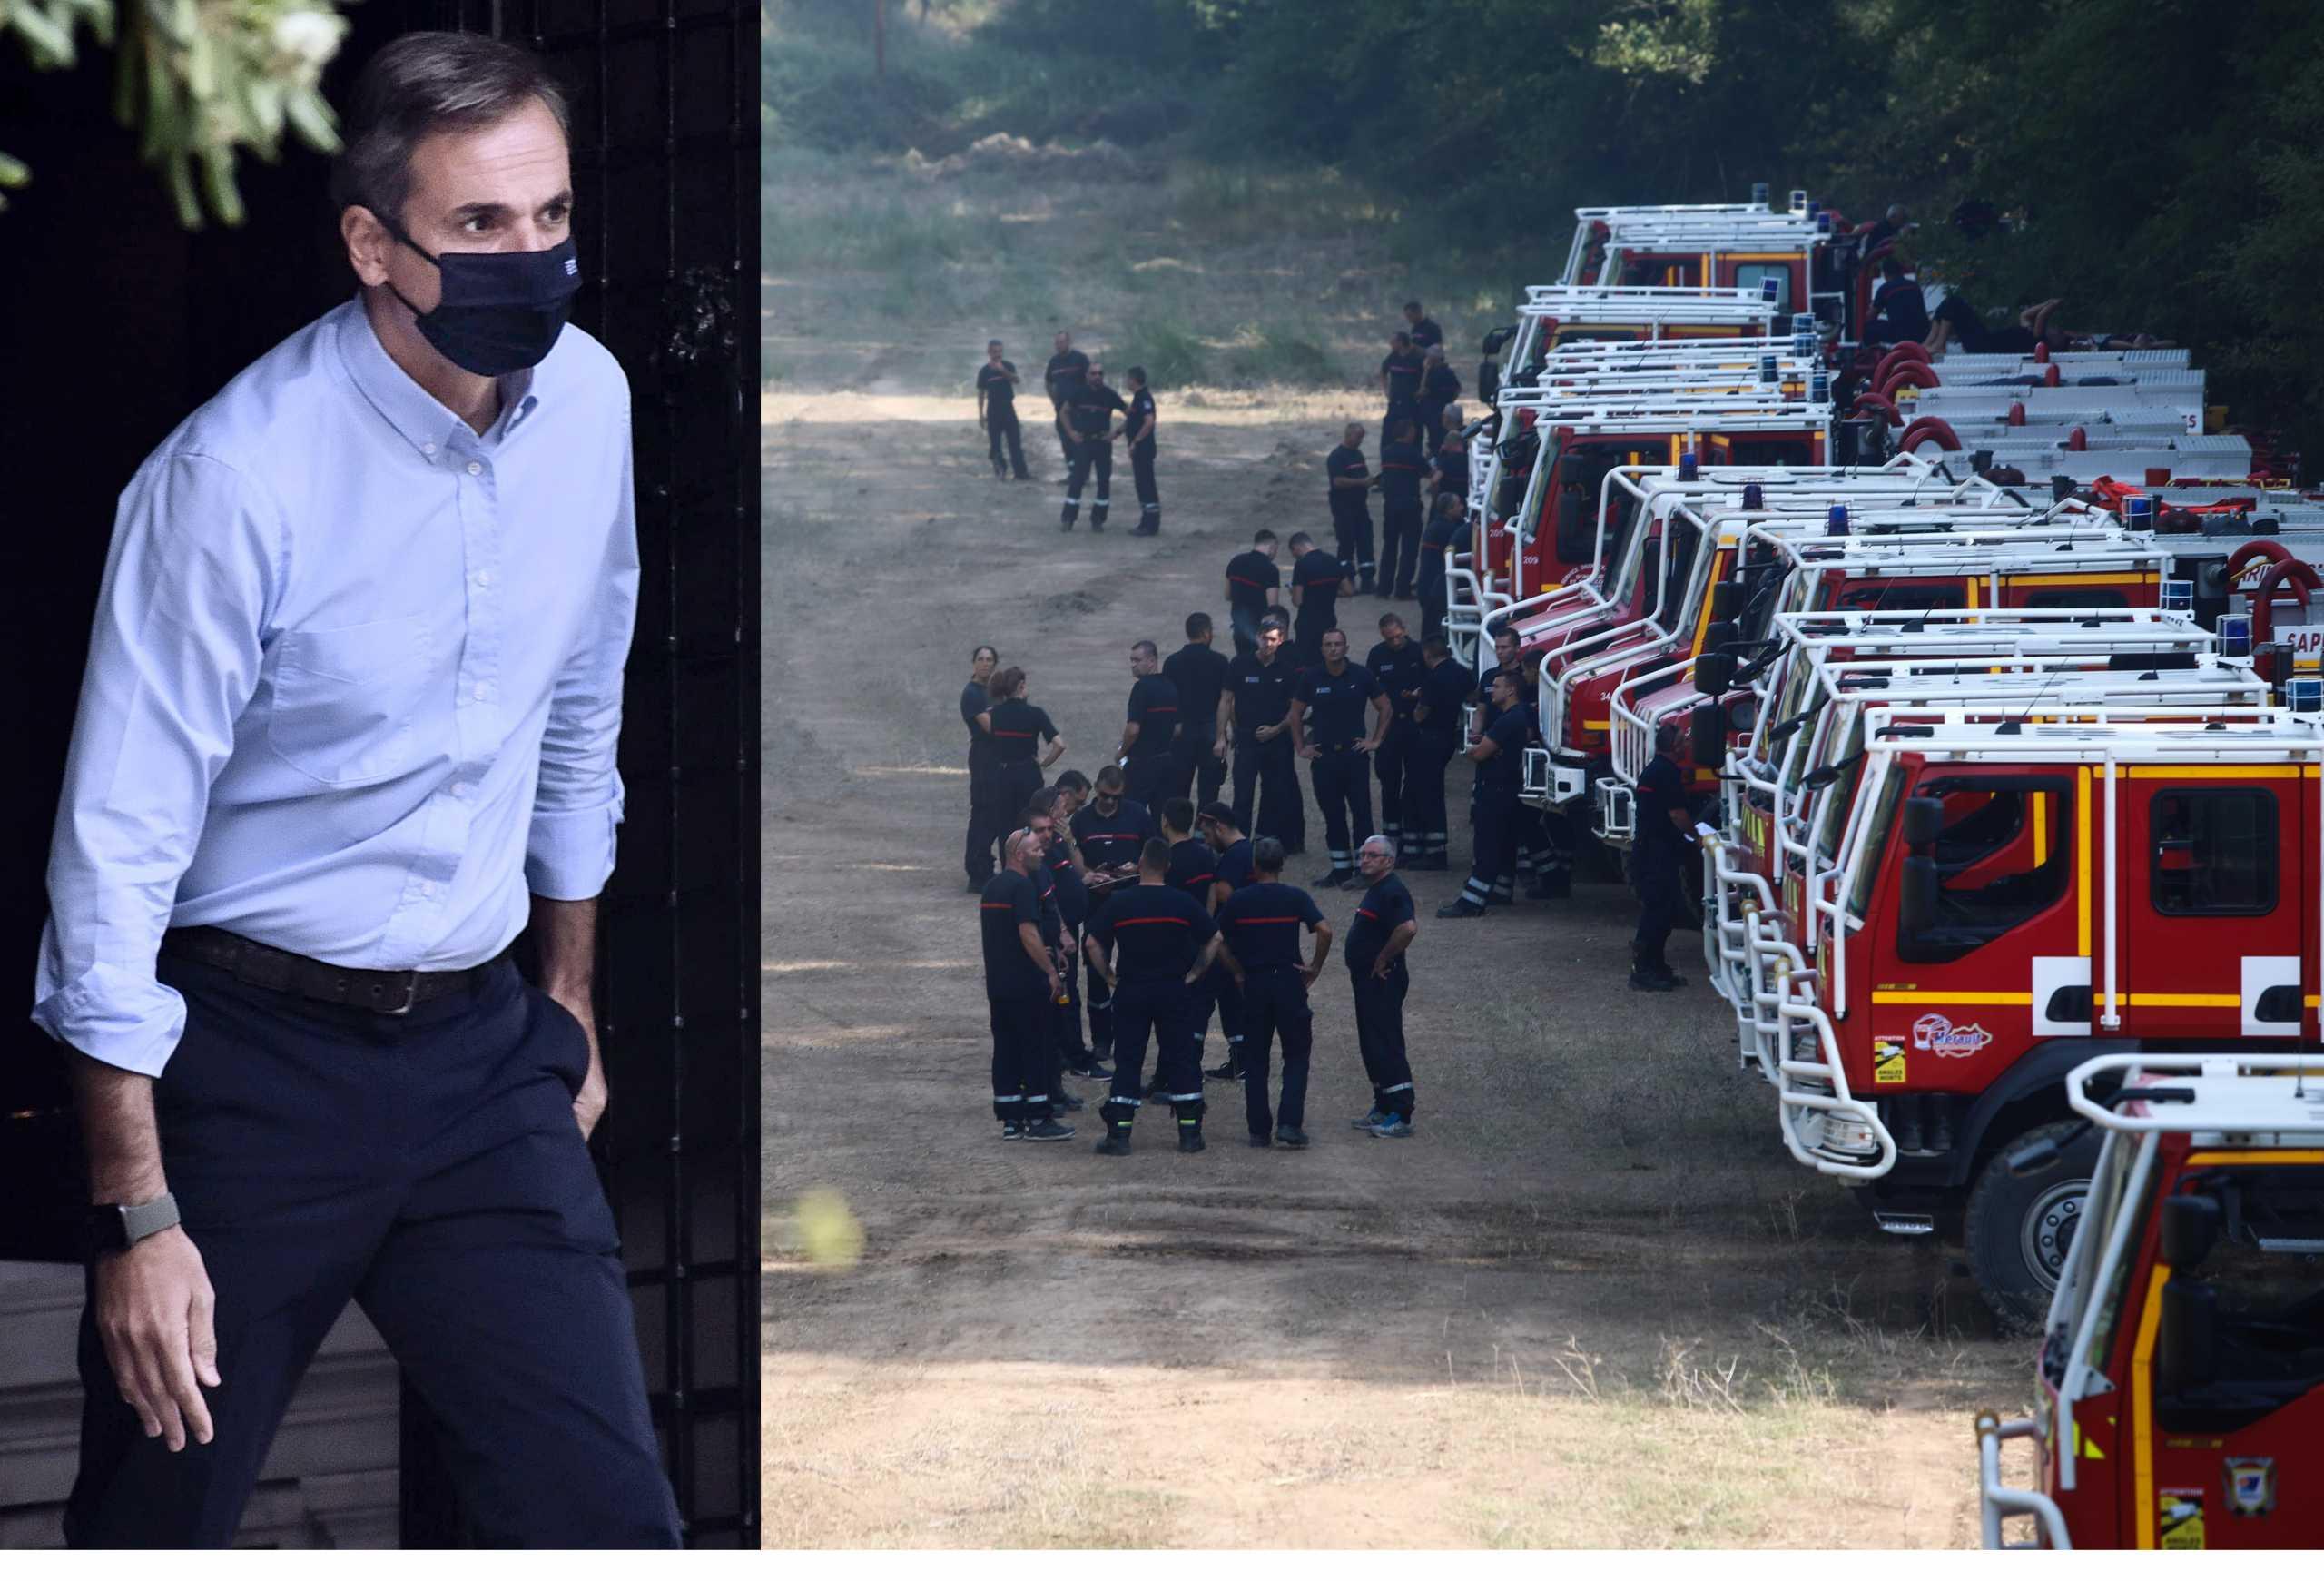 Ενισχύονται τα ελληνικά πεζοπόρα τμήματα με πυροσβέστες από το εξωτερικό – Το «ευχαριστώ» του Κυριάκου Μητσοτάκη